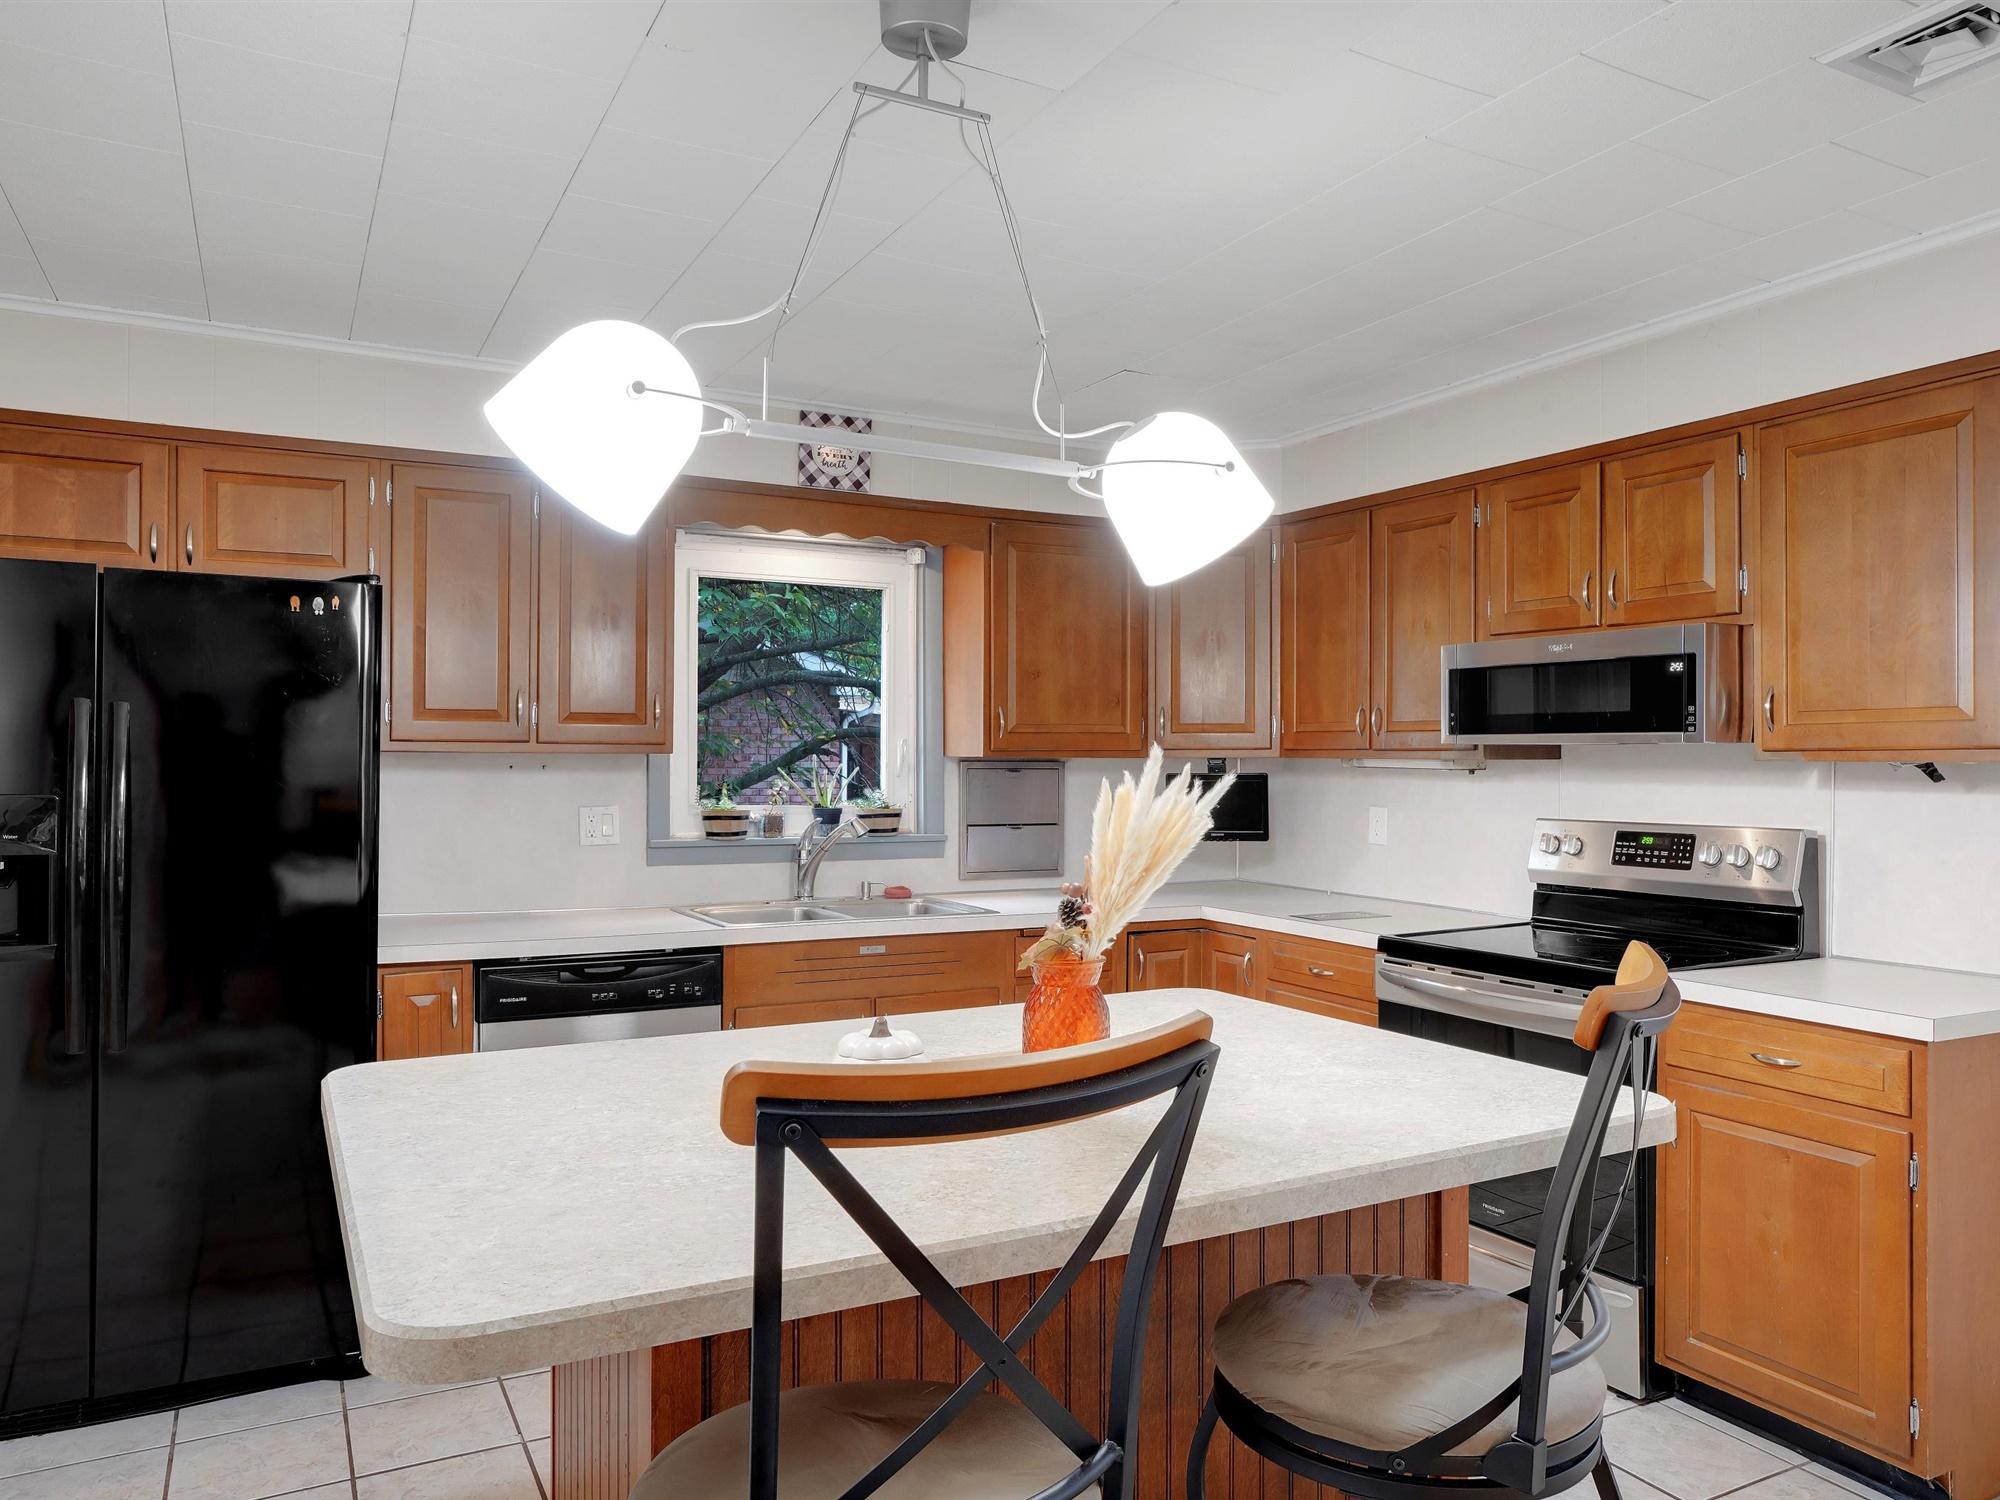 2022 Kline ST - Kitchen view